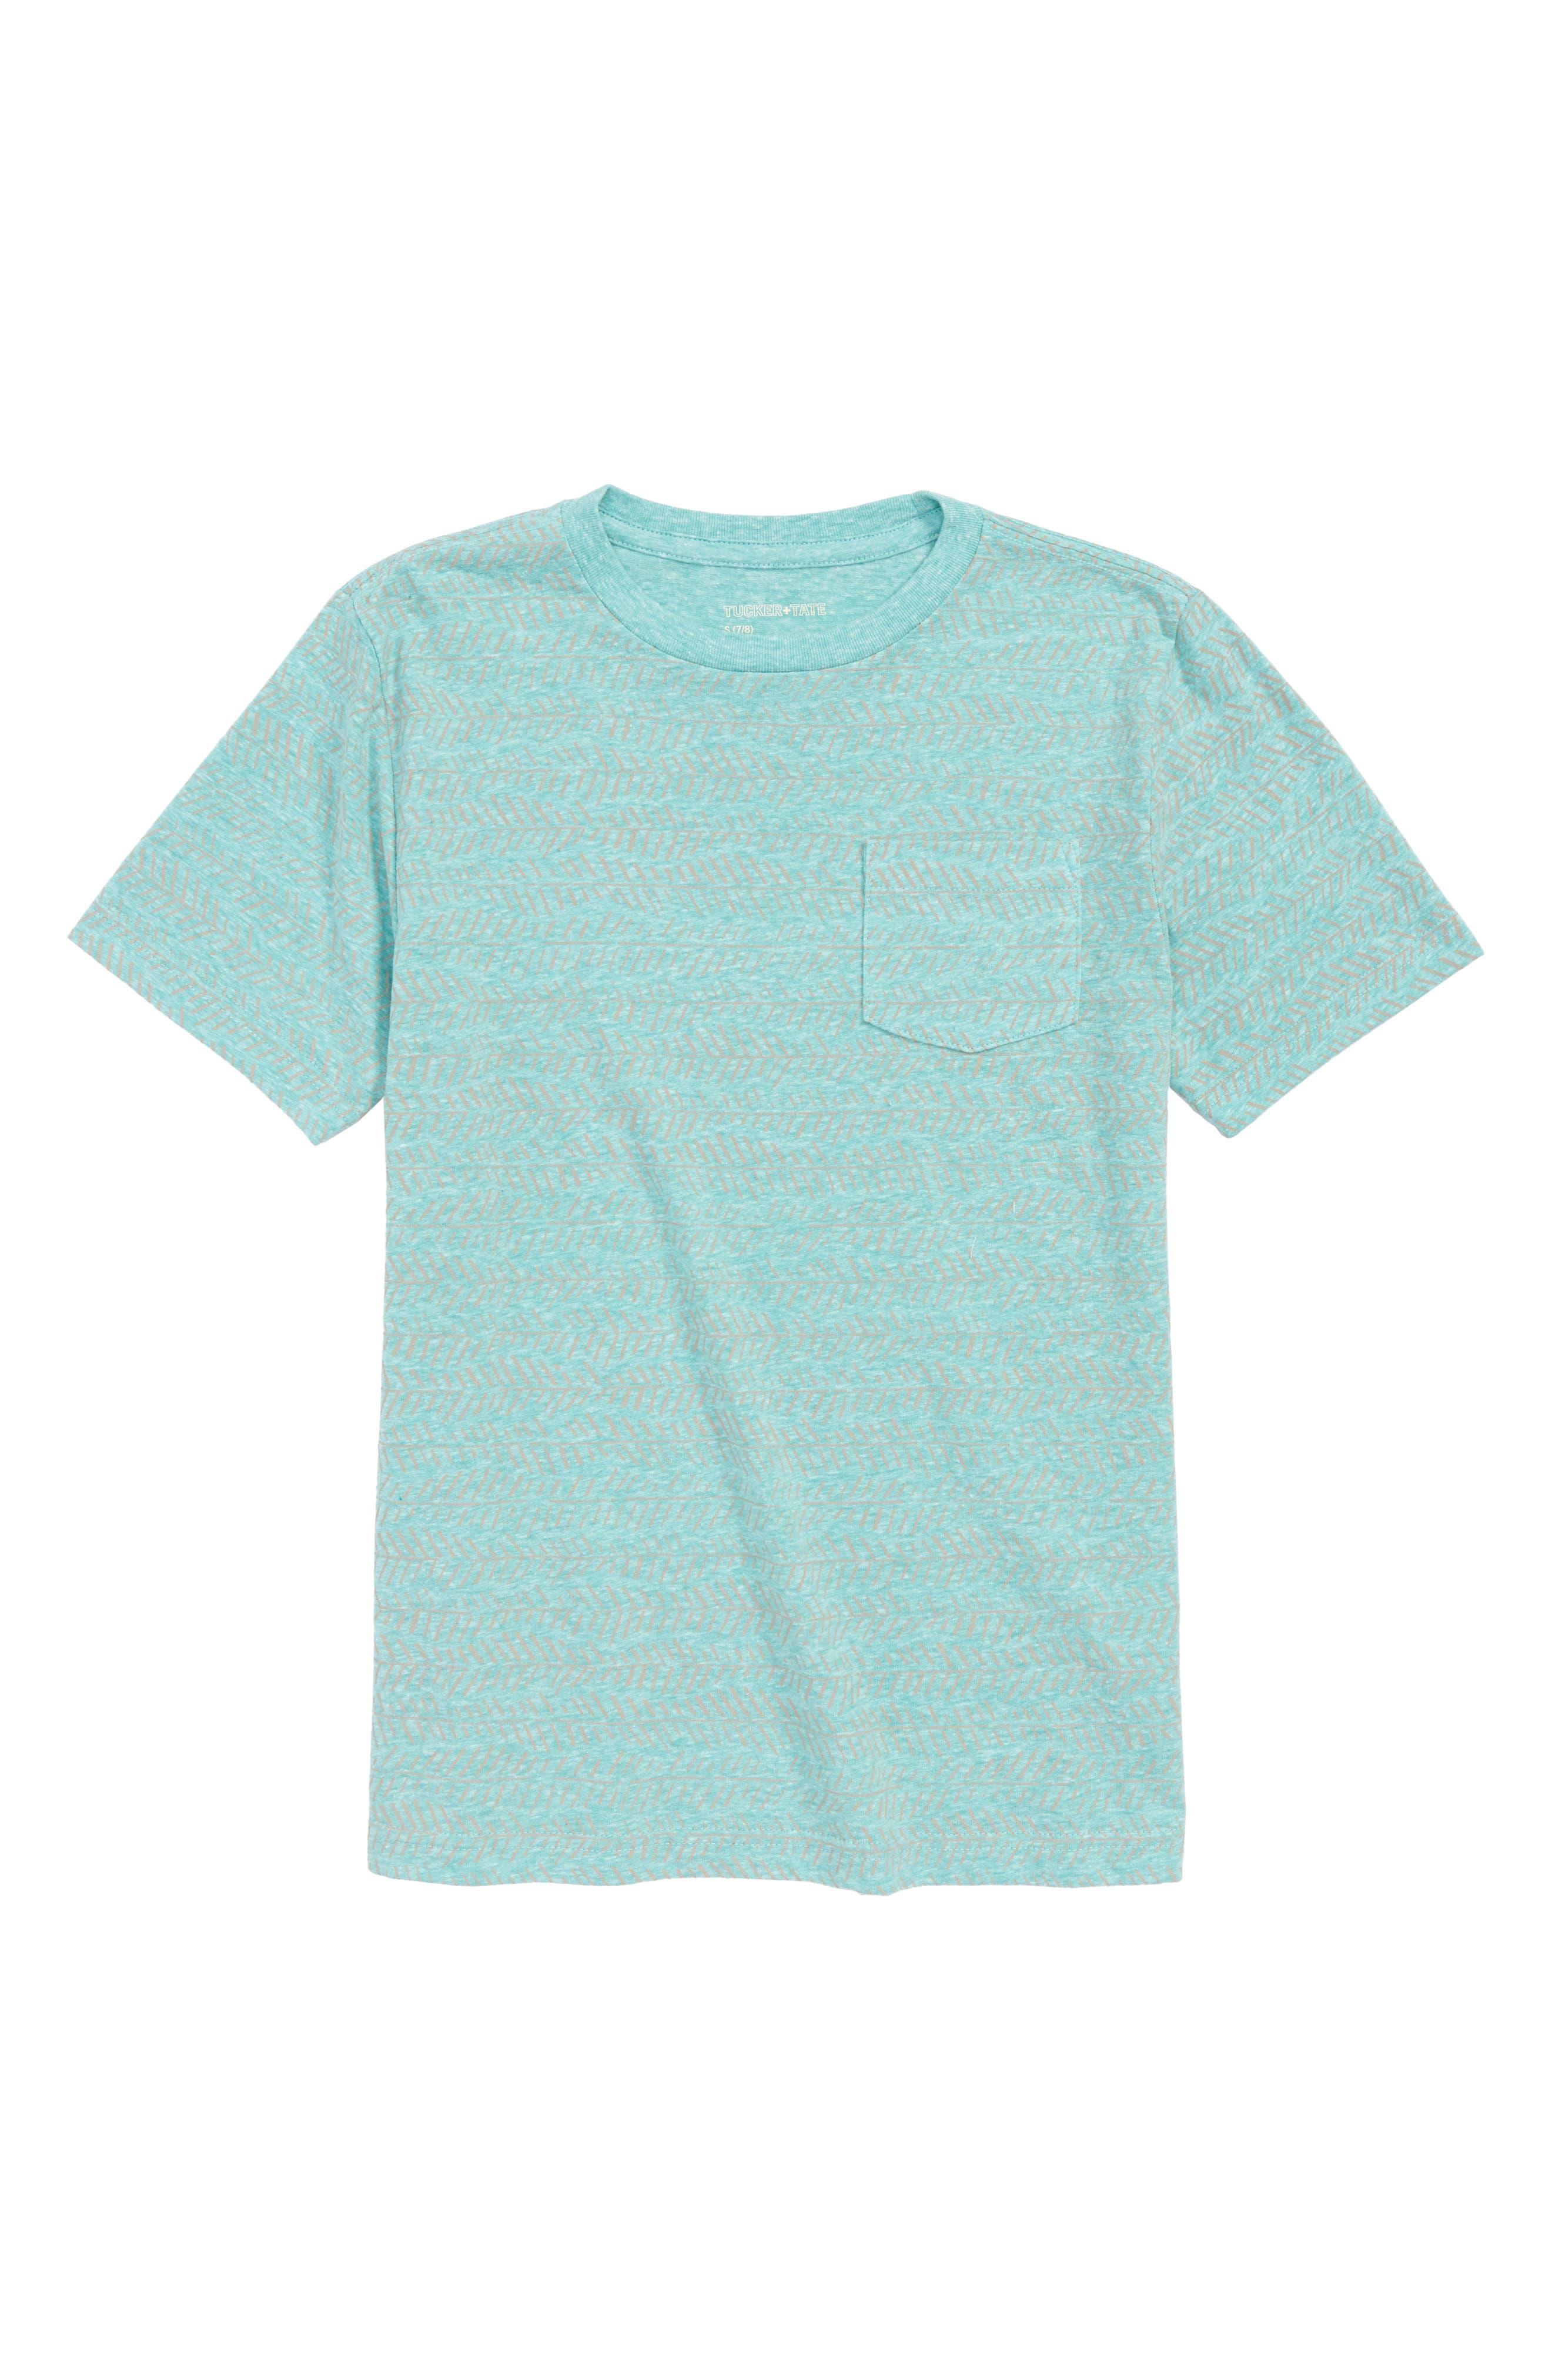 Tropical T-Shirt,                             Main thumbnail 1, color,                             Green Lake Zig Zag